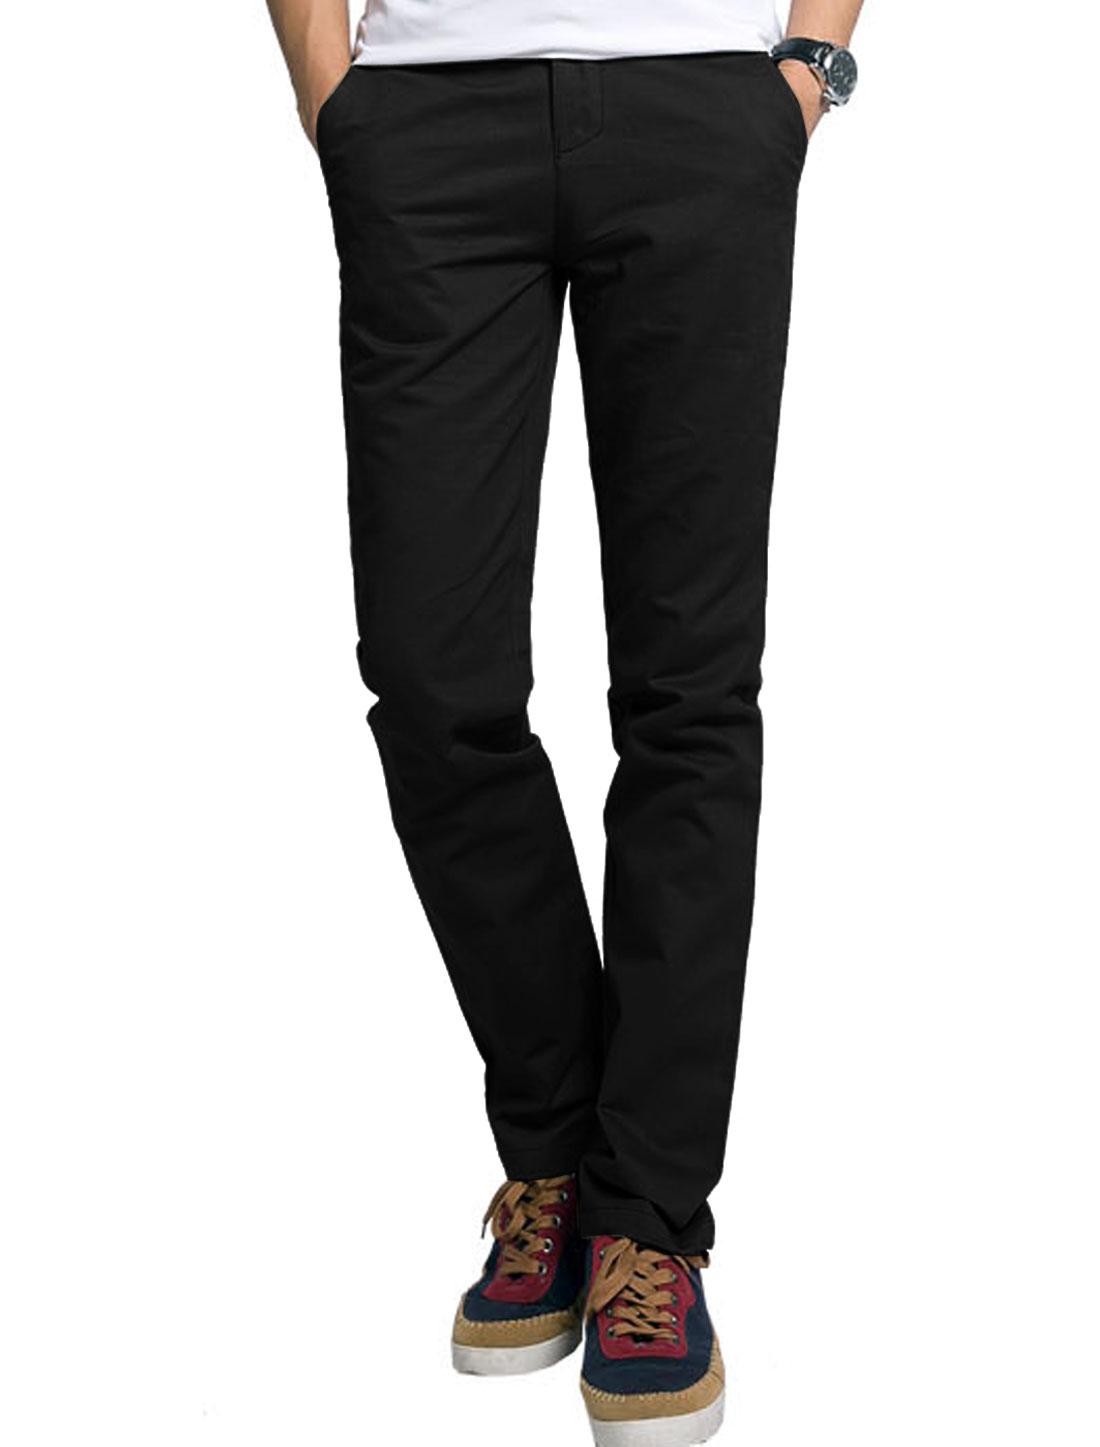 Men Side Pockets Back Pocket Decor Leisure Slim Pants Black W40